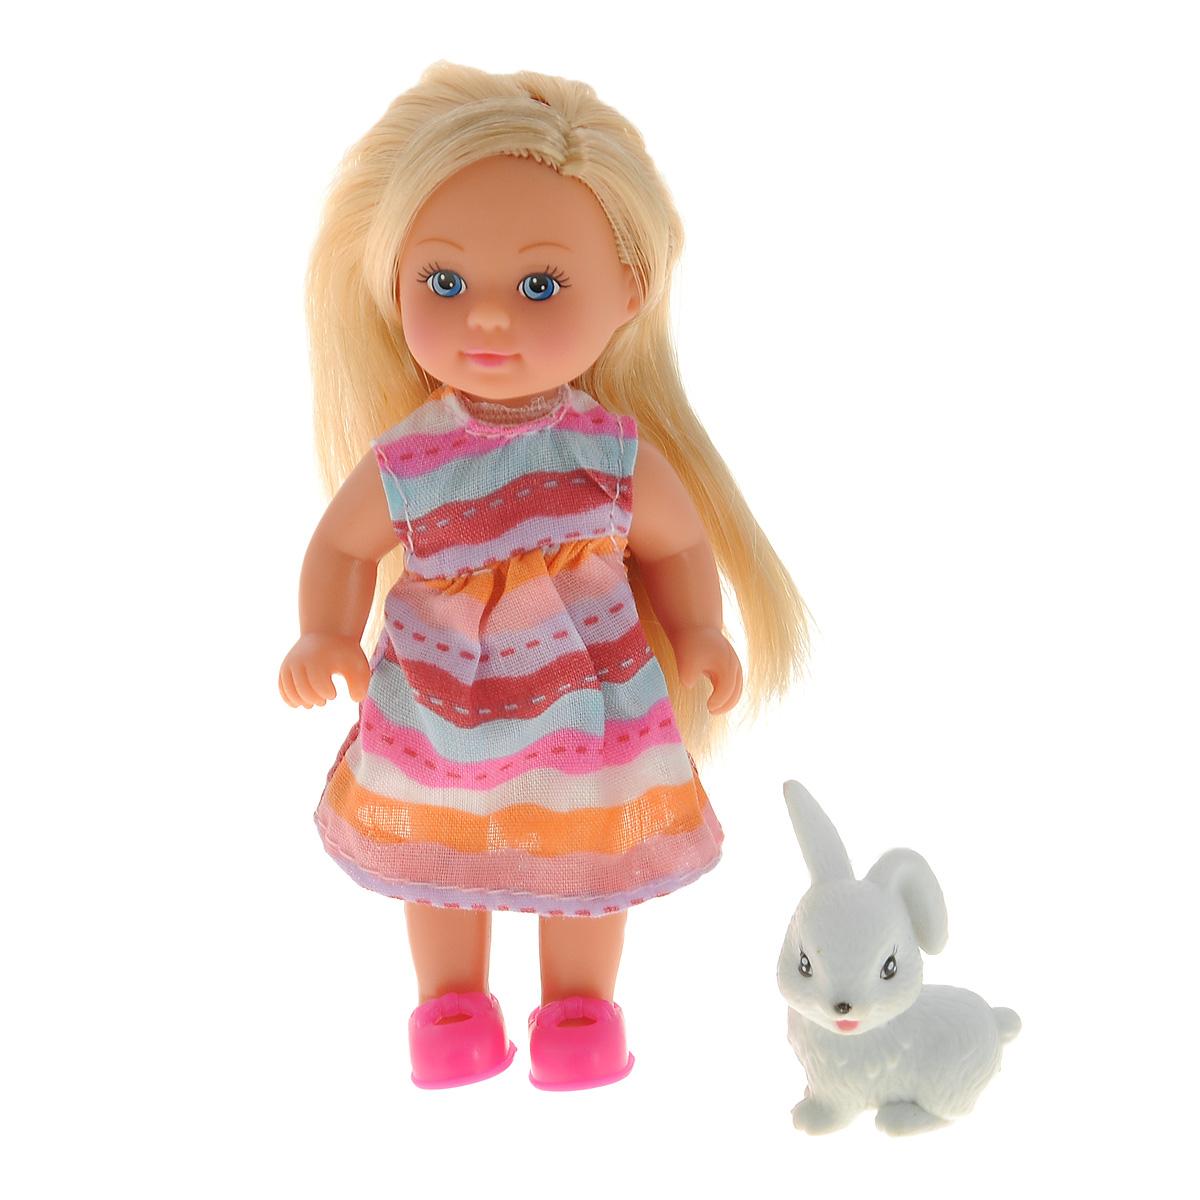 Simba Мини-кукла Еви с зверюшкой5730513Кукла Simba Еви с зверюшкой порадует любую девочку и надолго увлечет ее. В комплект входит куколка Еви и ее питомец - белый кролик. Малышка Еви одета в платье, оформленное стильным принтом в полоску, на ногах у нее - розовые туфельки. Вашей дочурке непременно понравится заплетать длинные белокурые волосы куклы, придумывая разнообразные прически. Руки, ноги и голова куклы подвижны, благодаря чему ей можно придавать разнообразные позы. Игры с куклой способствуют эмоциональному развитию, помогают формировать воображение и художественный вкус, а также разовьют в вашей малышке чувство ответственности и заботы. Великолепное качество исполнения делают эту куколку чудесным подарком к любому празднику.